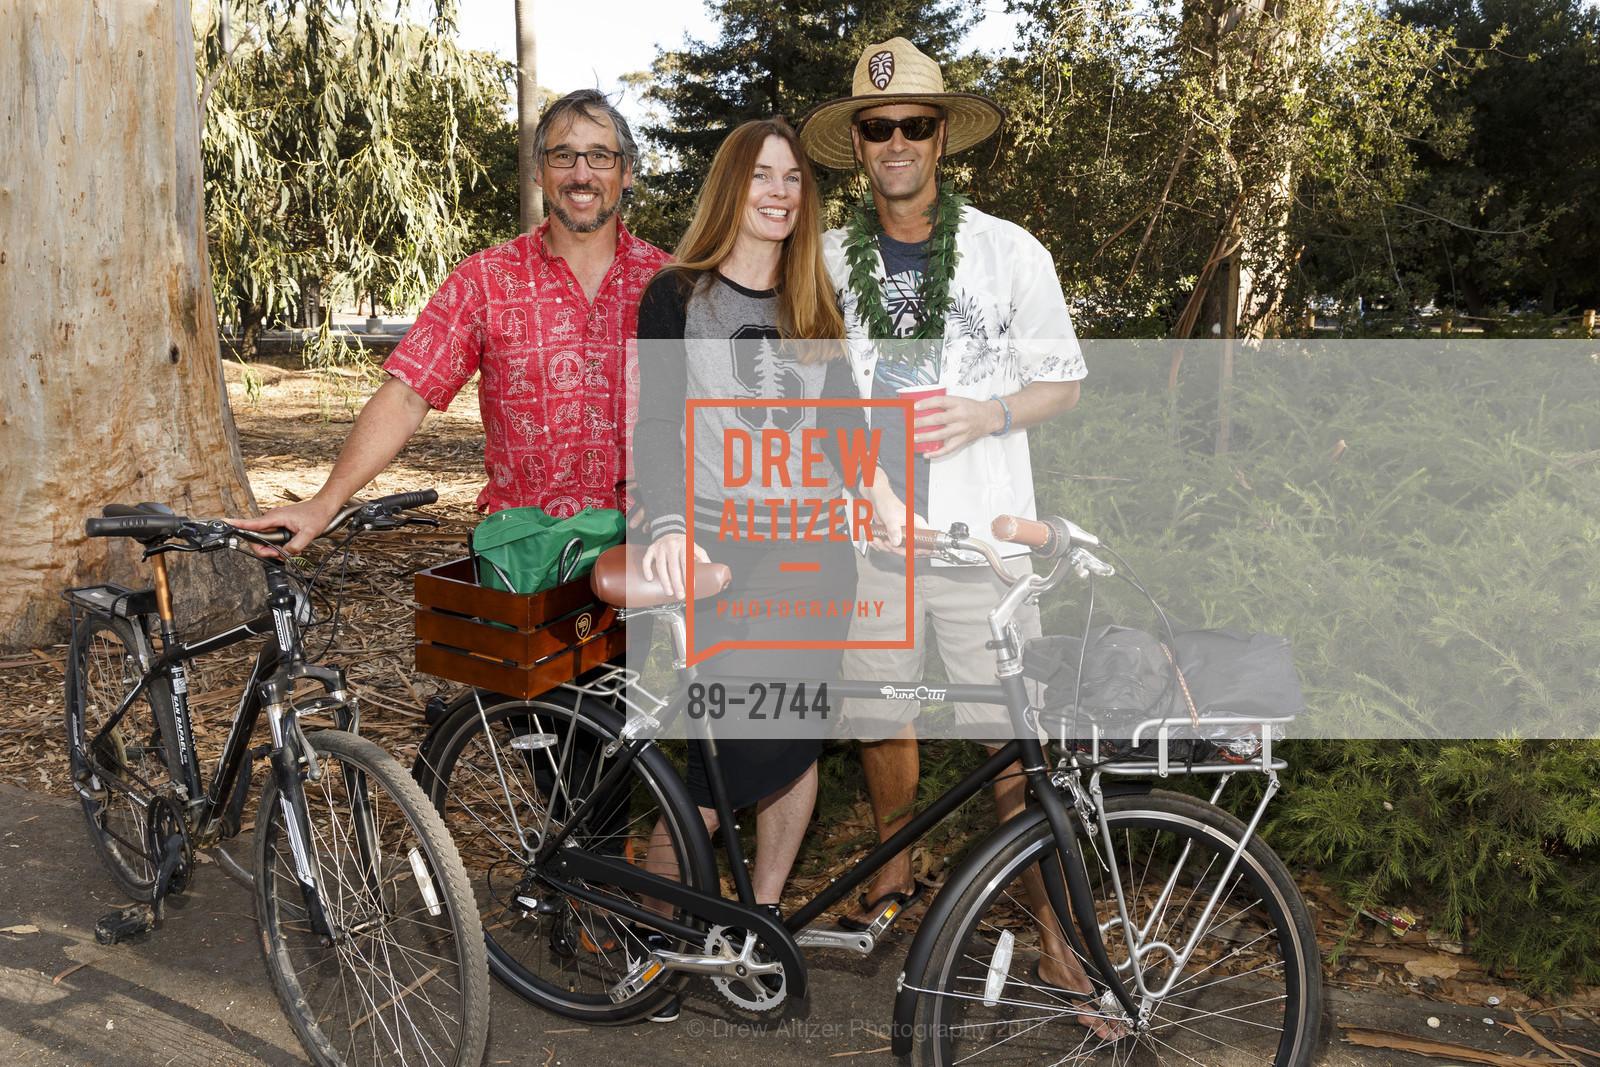 Robert Savala, Krista Savala, Sam Neff, Photo #89-2744